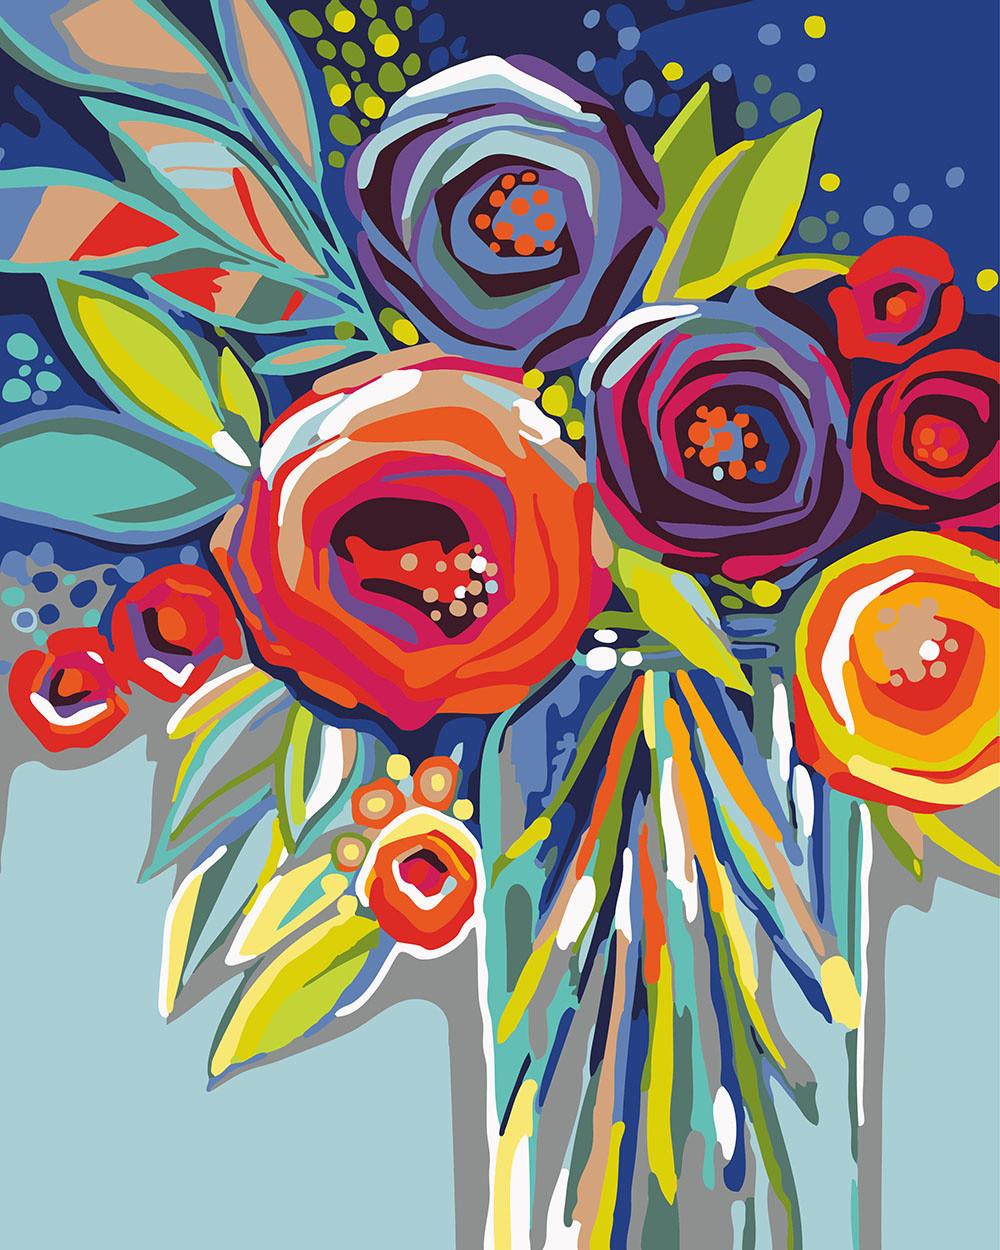 раскраска для взрослых абстракция розы Bk Gx23518 40 х 50 см без коробки продажа цена в сумах картины по номерам от интернет магазин Art